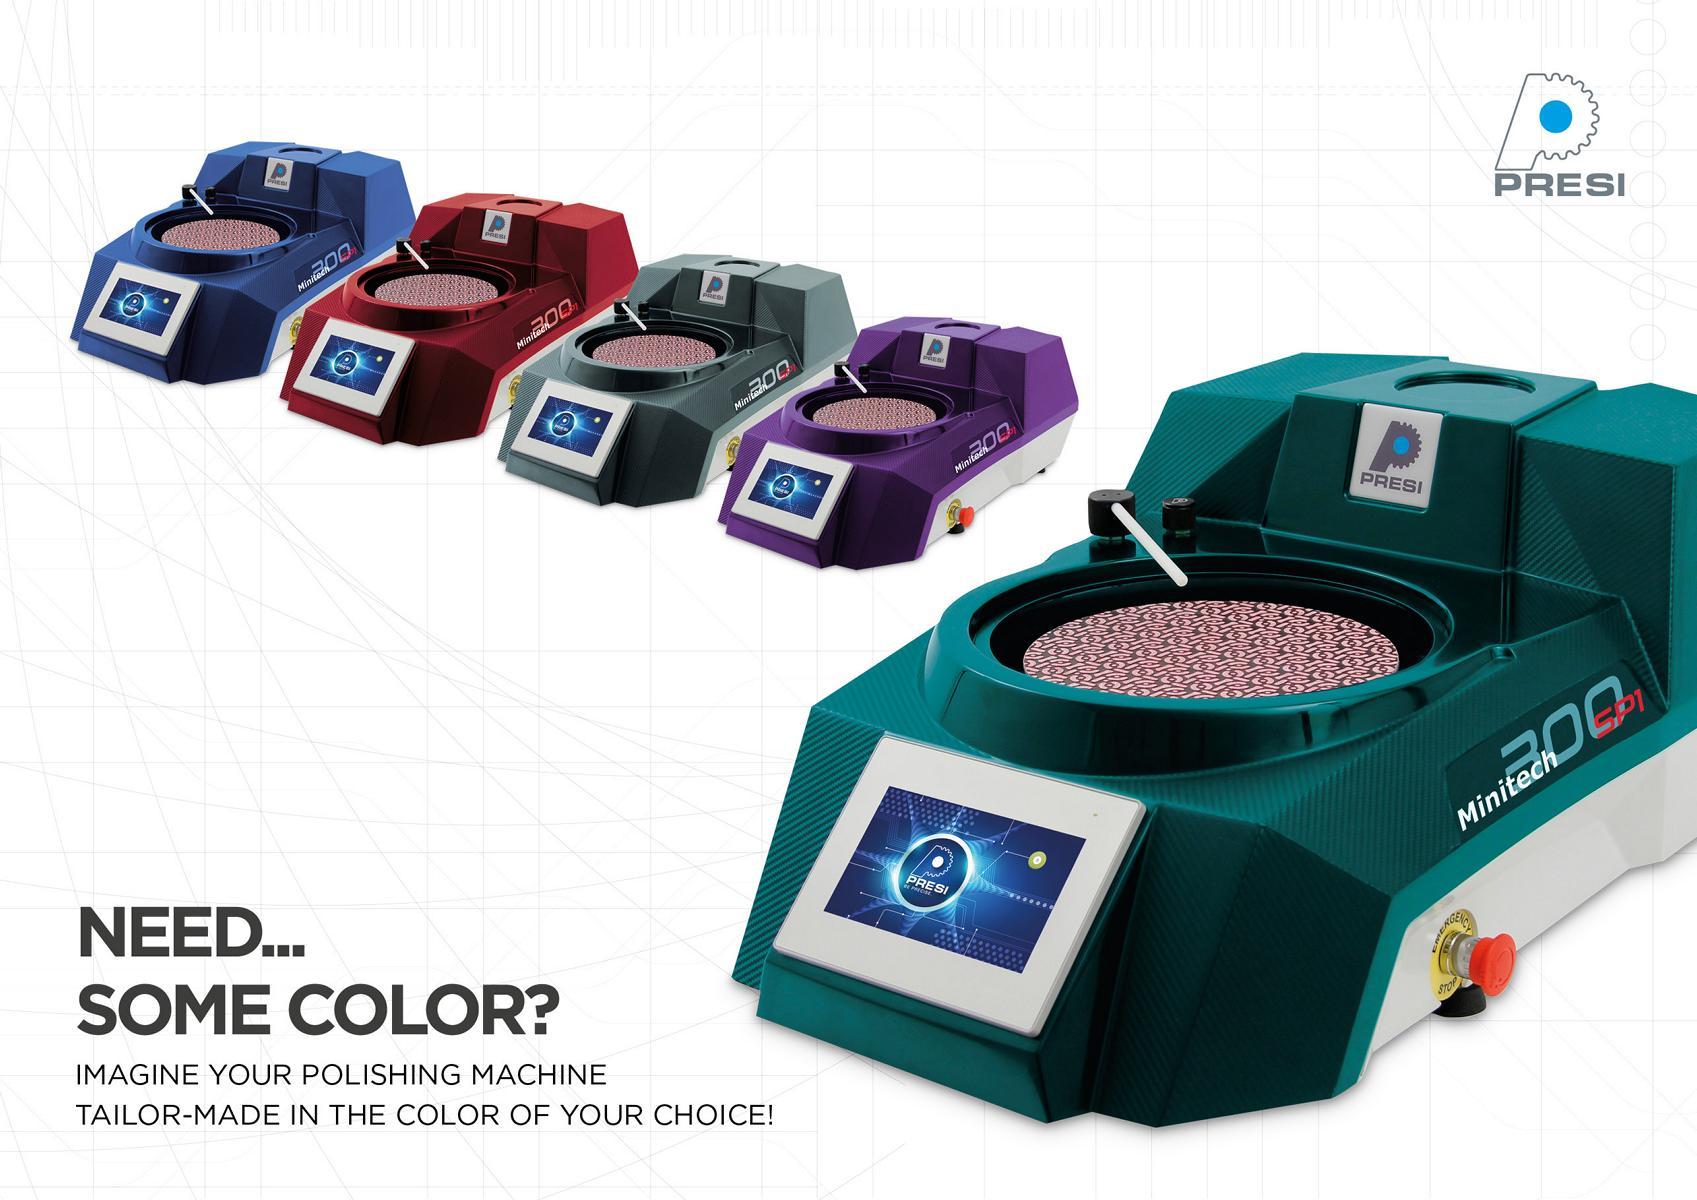 Minitech-color-presi